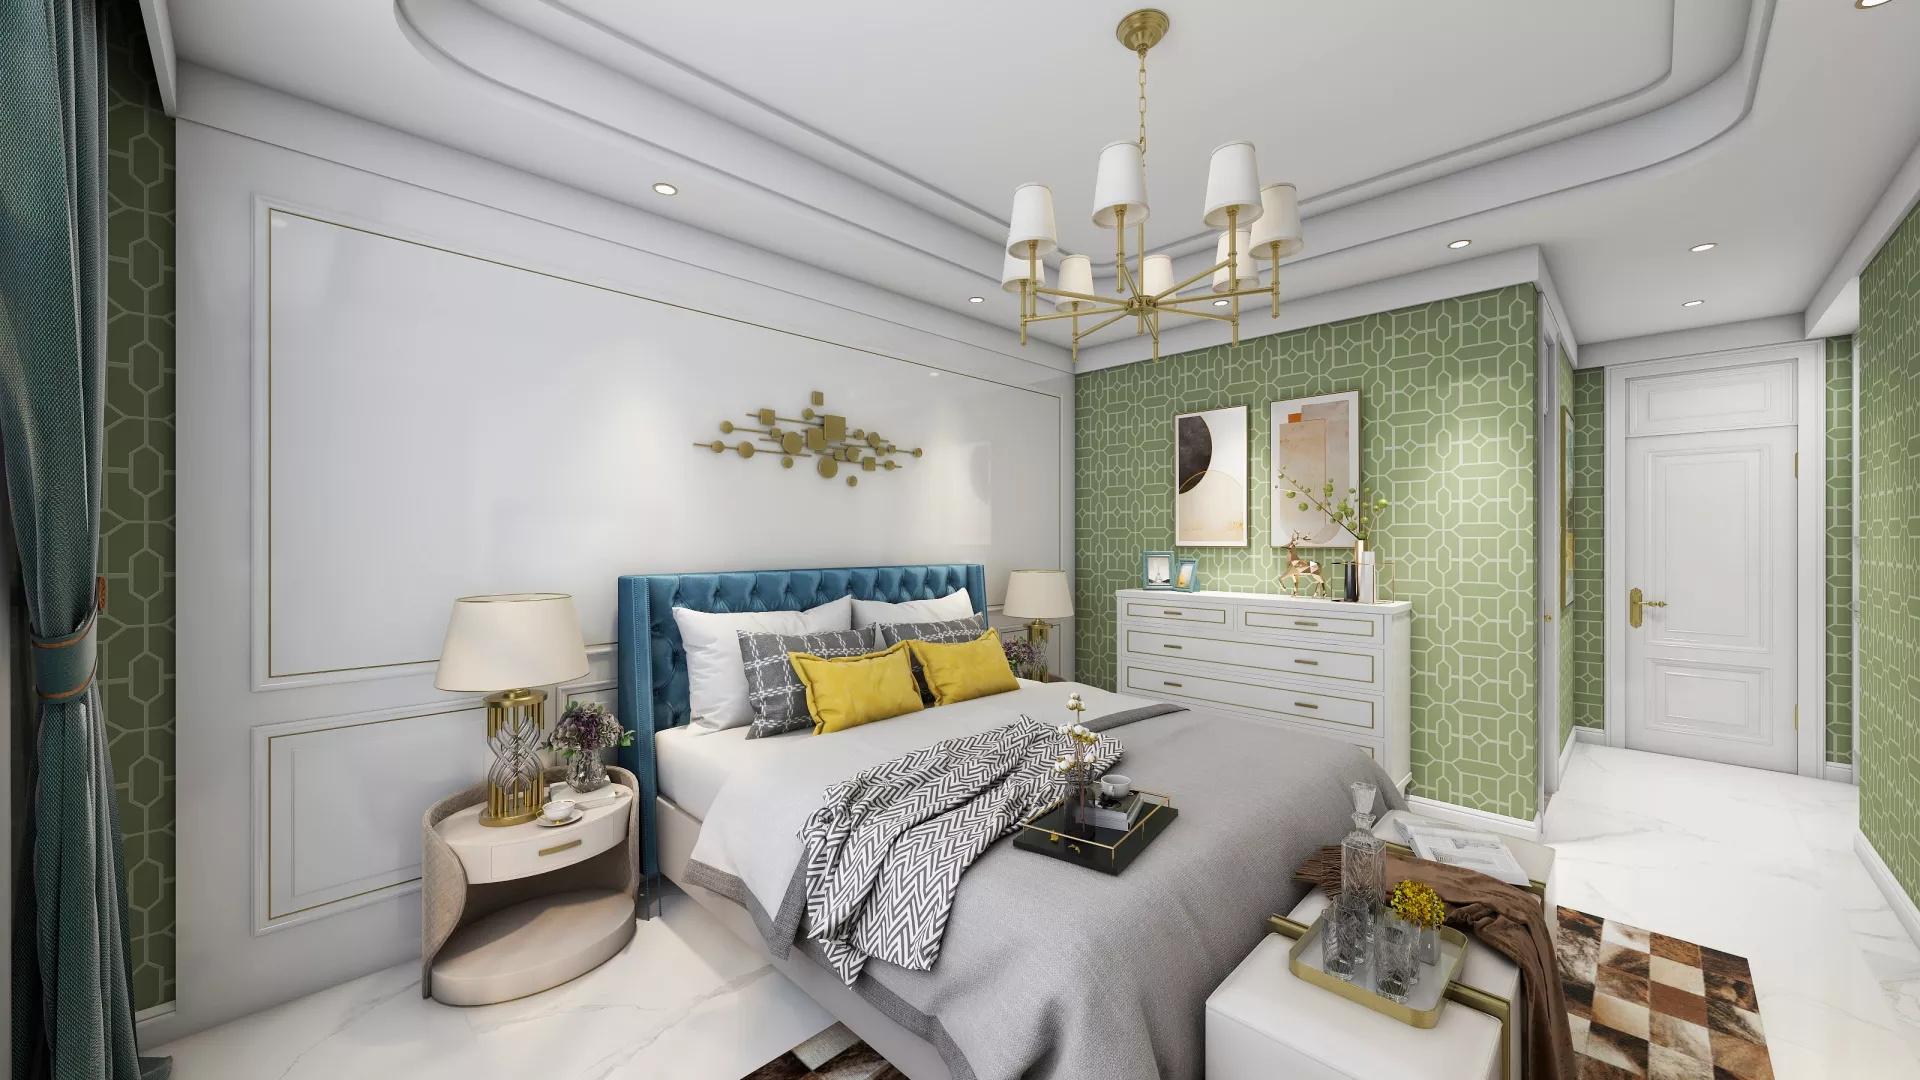 150㎡经典美式清爽优雅的雪纺蓝客厅效果图